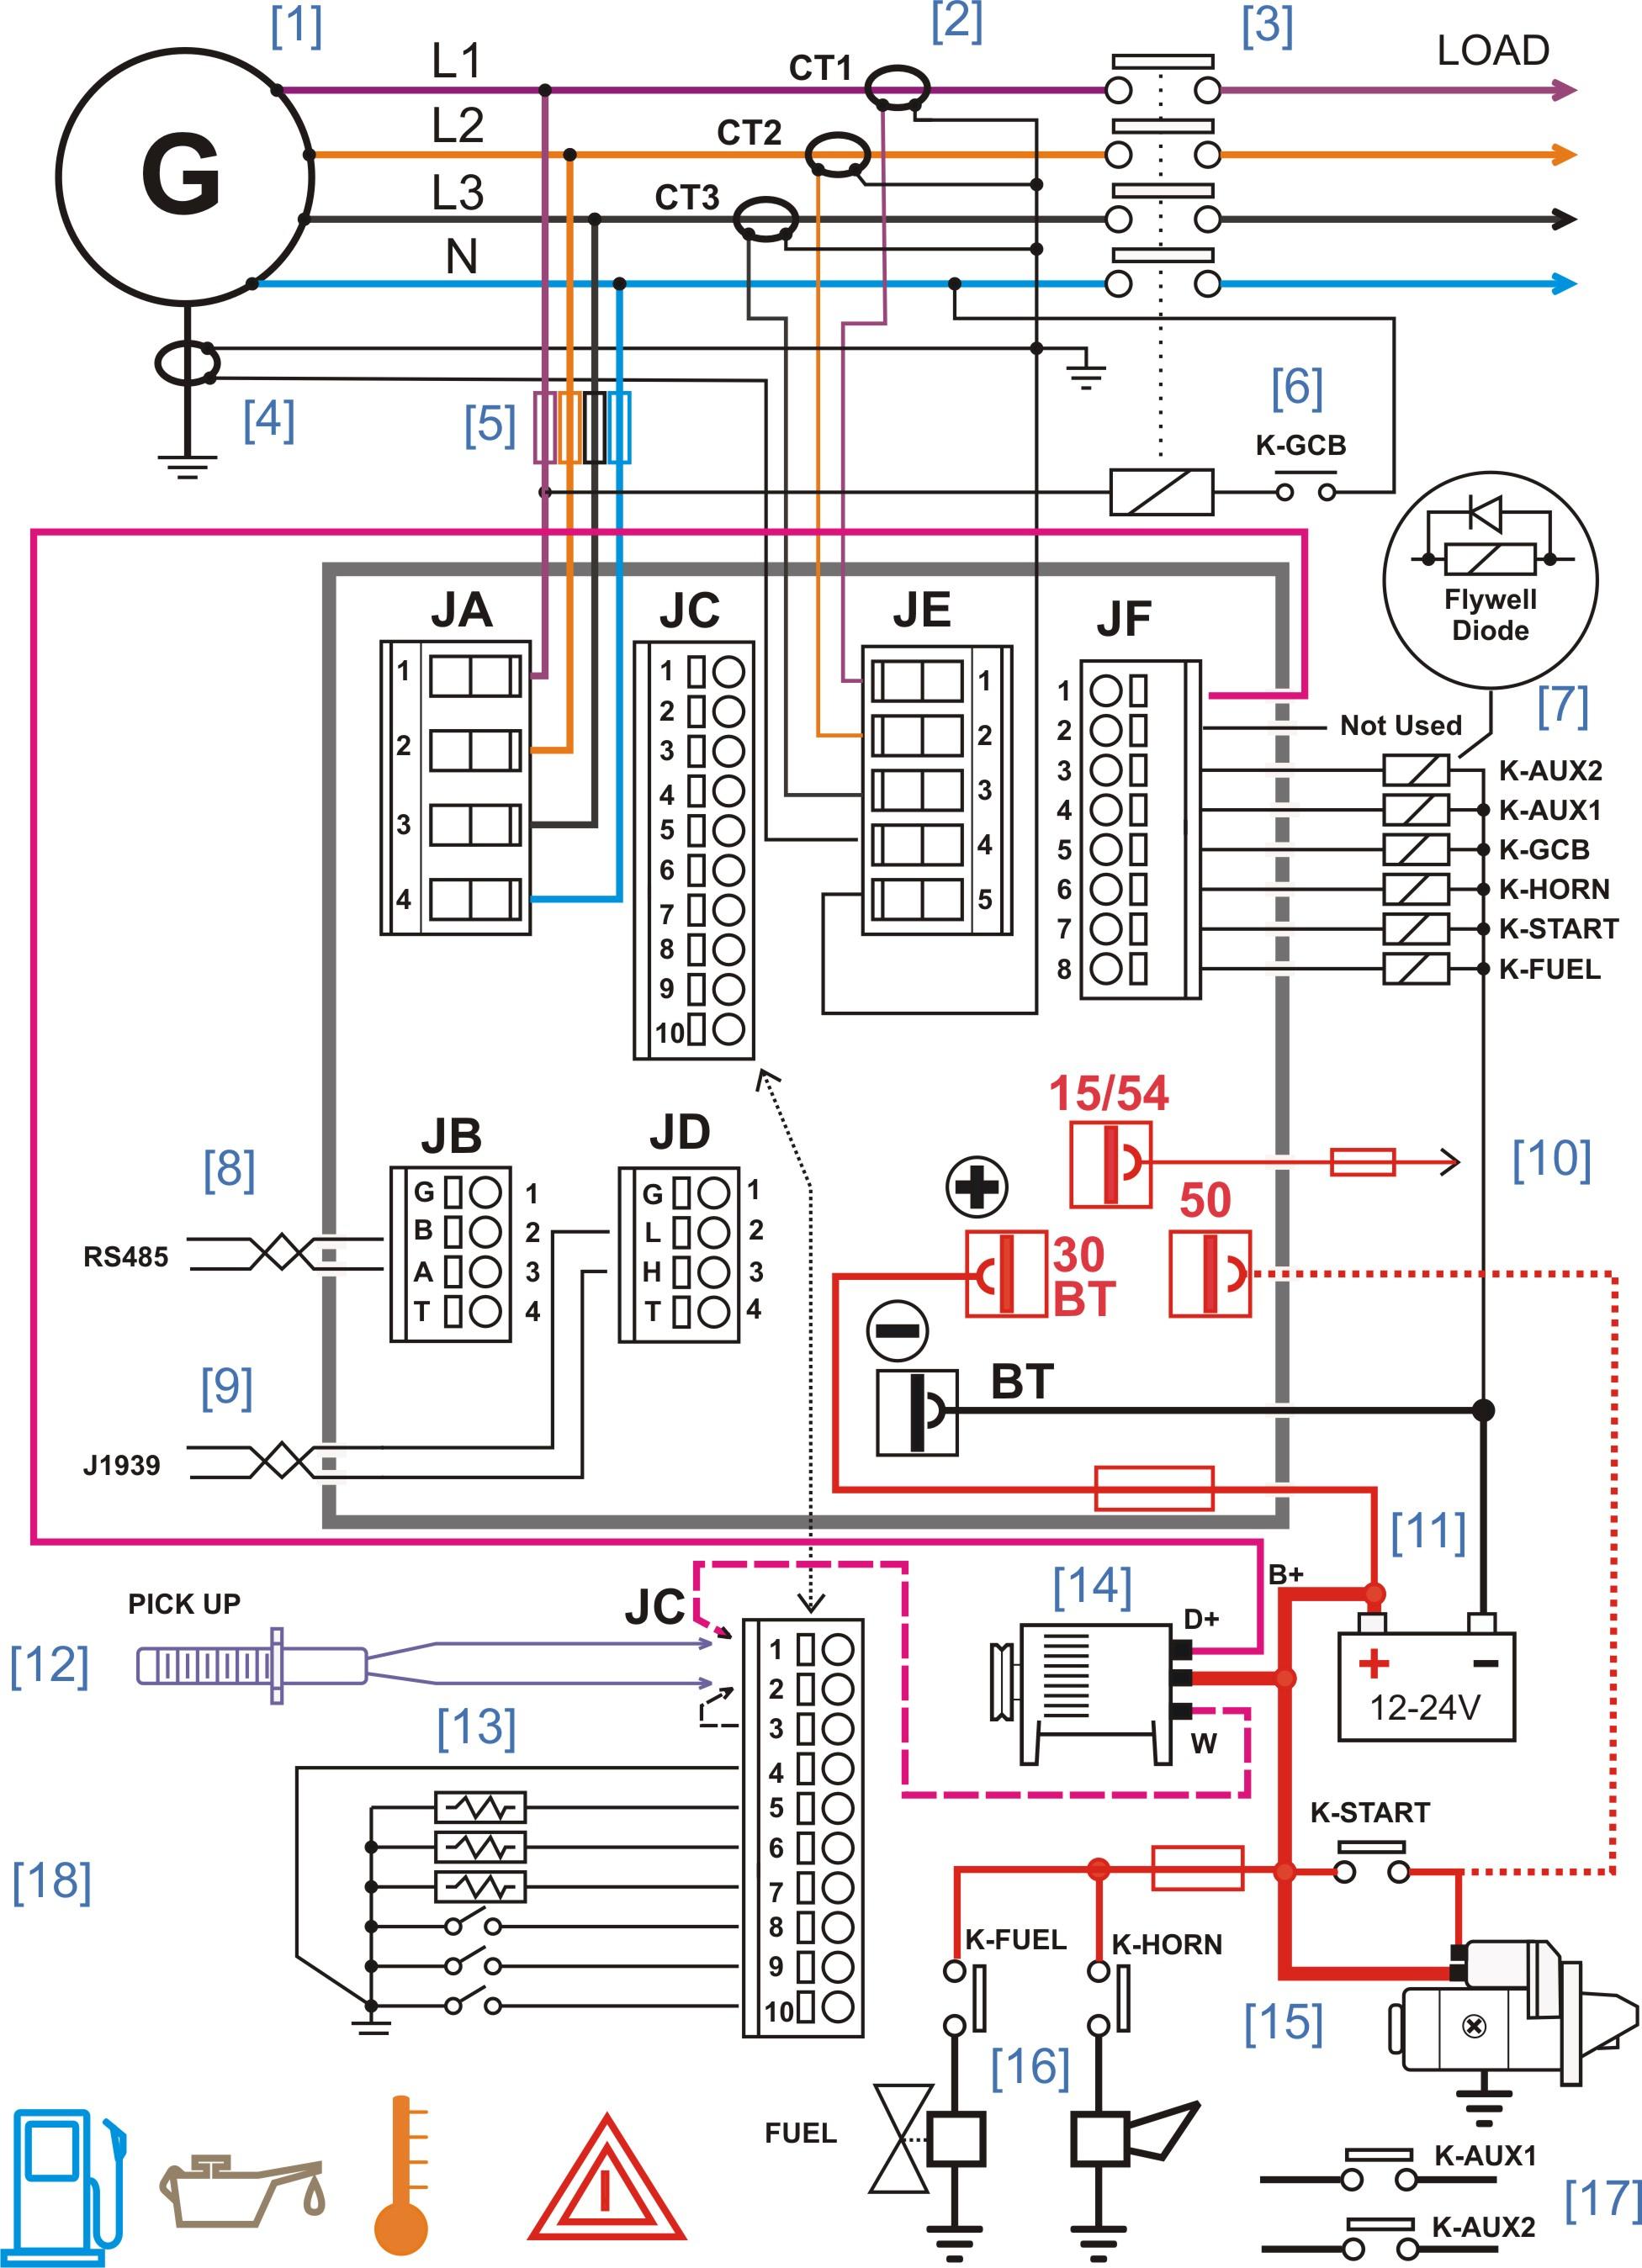 Onan Generator Wiring Schematic | Wiring Diagram - Onan Generator Wiring Diagram